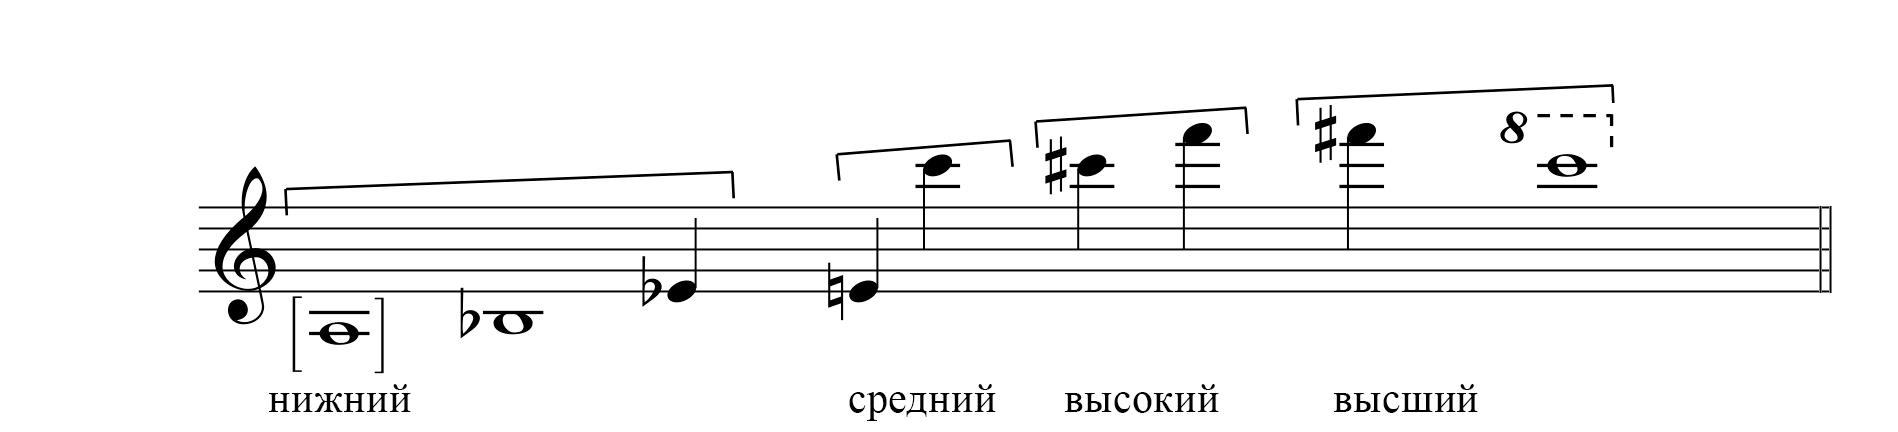 Диапазон саксофона